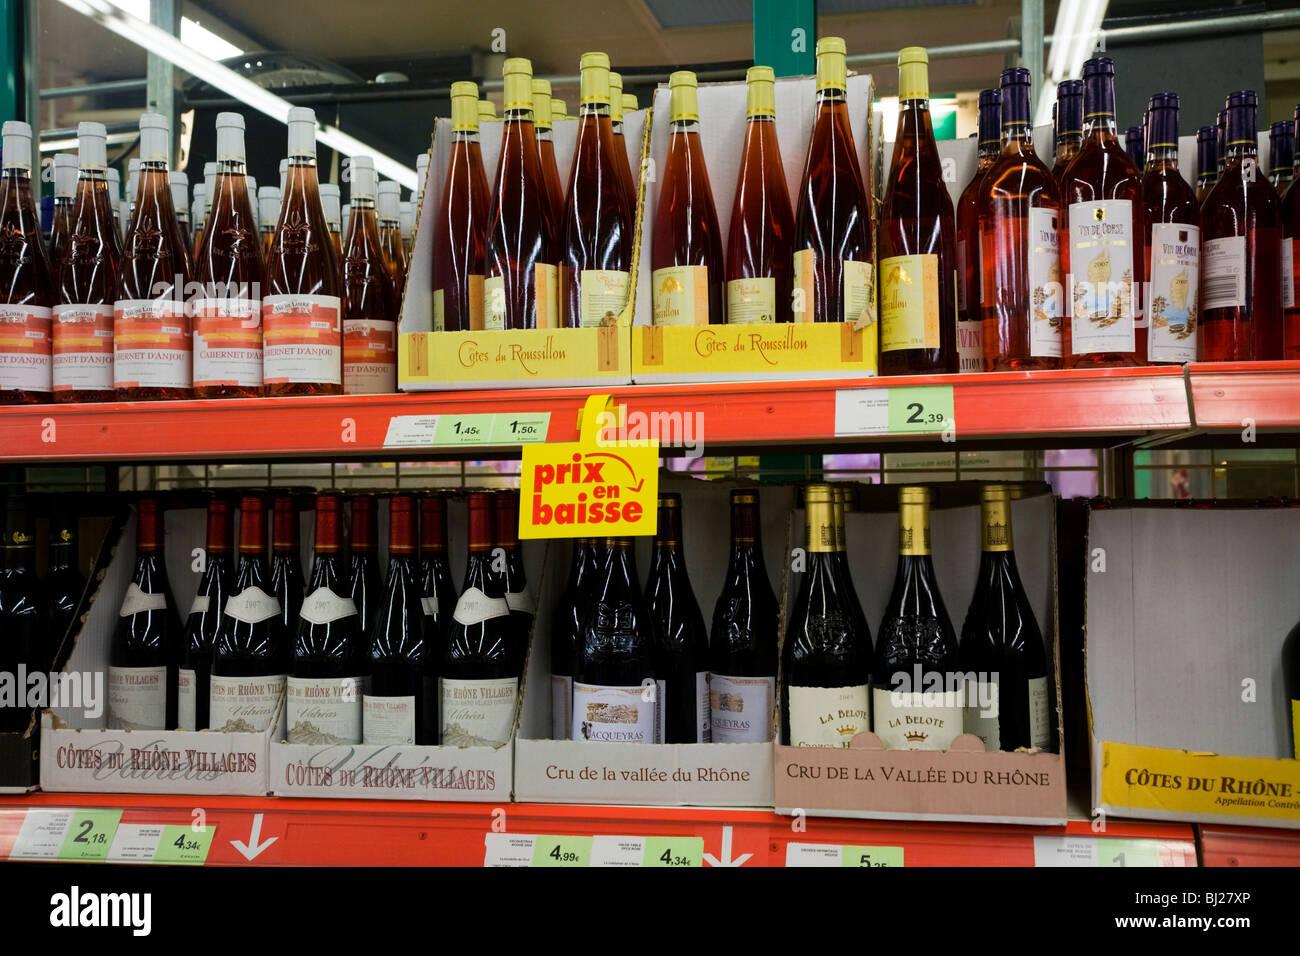 Ein Regal-Display von Alkohol / alkoholischen Wein / Weine und ...